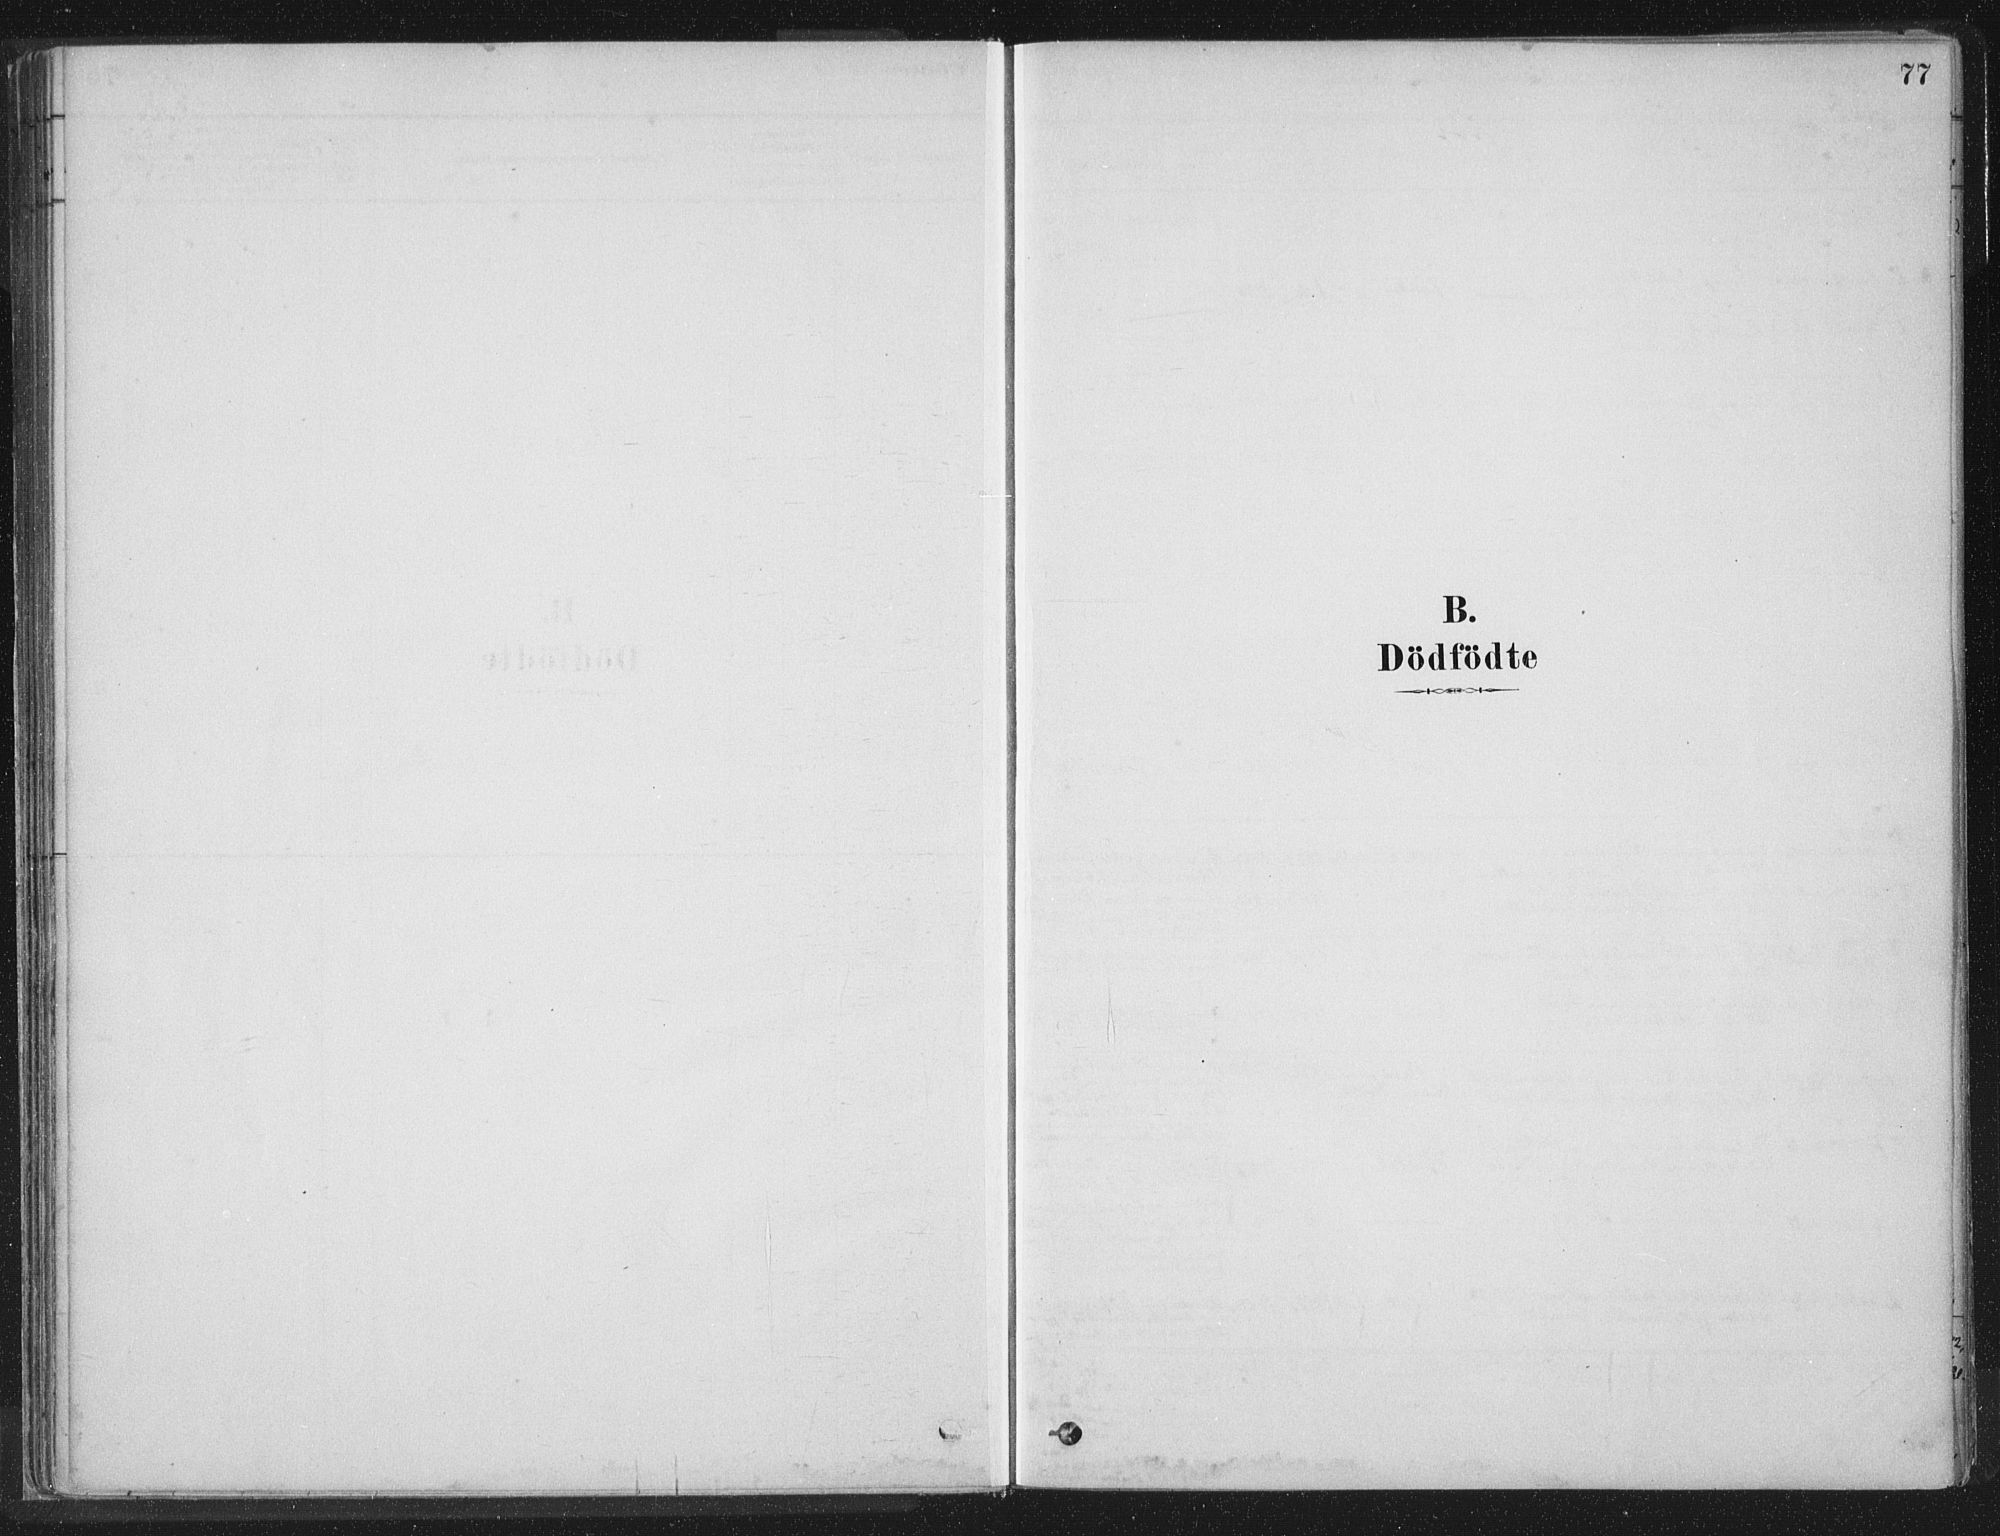 SAT, Ministerialprotokoller, klokkerbøker og fødselsregistre - Nord-Trøndelag, 788/L0697: Ministerialbok nr. 788A04, 1878-1902, s. 77